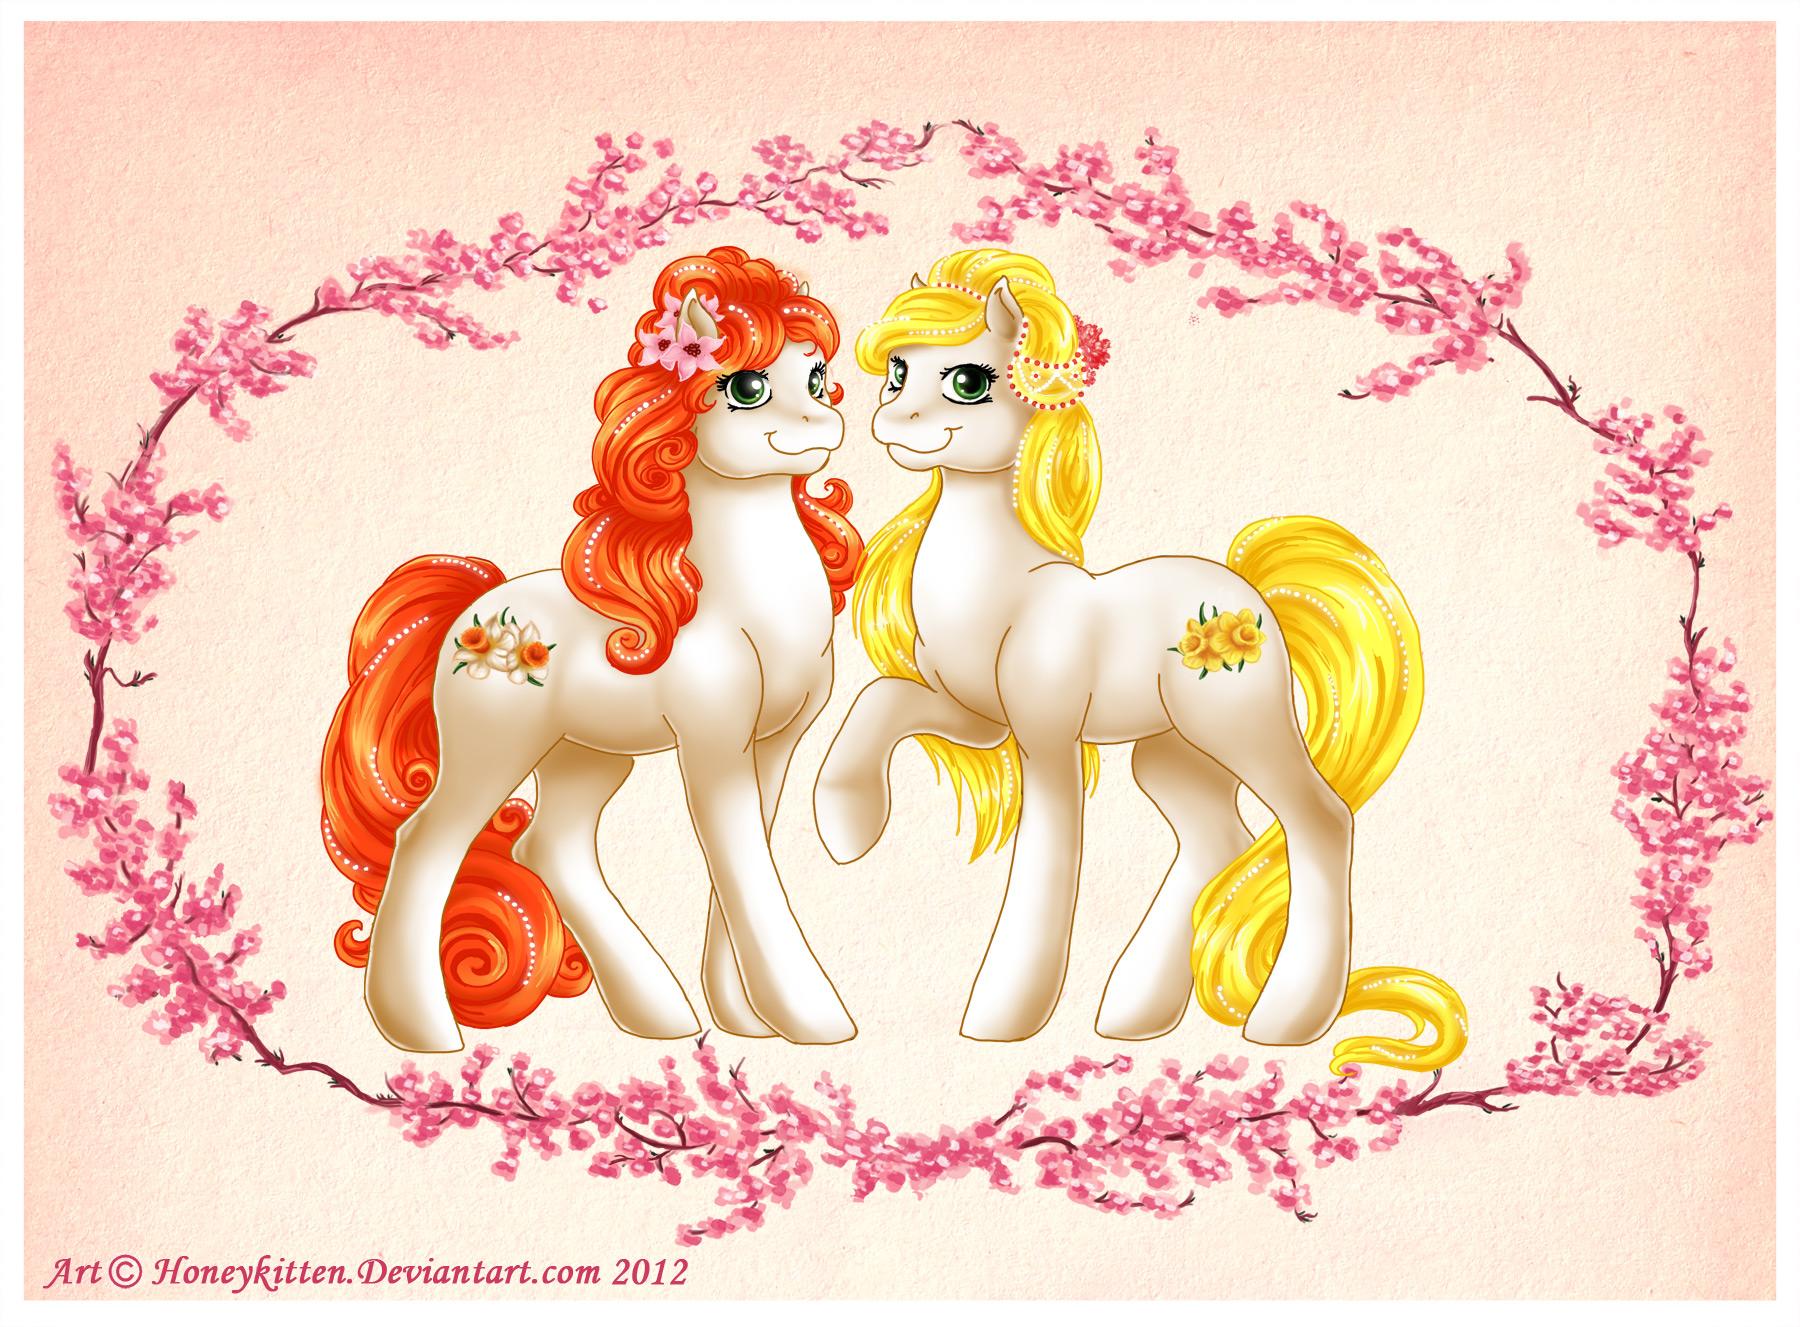 Spring Ponies by Honeykitten